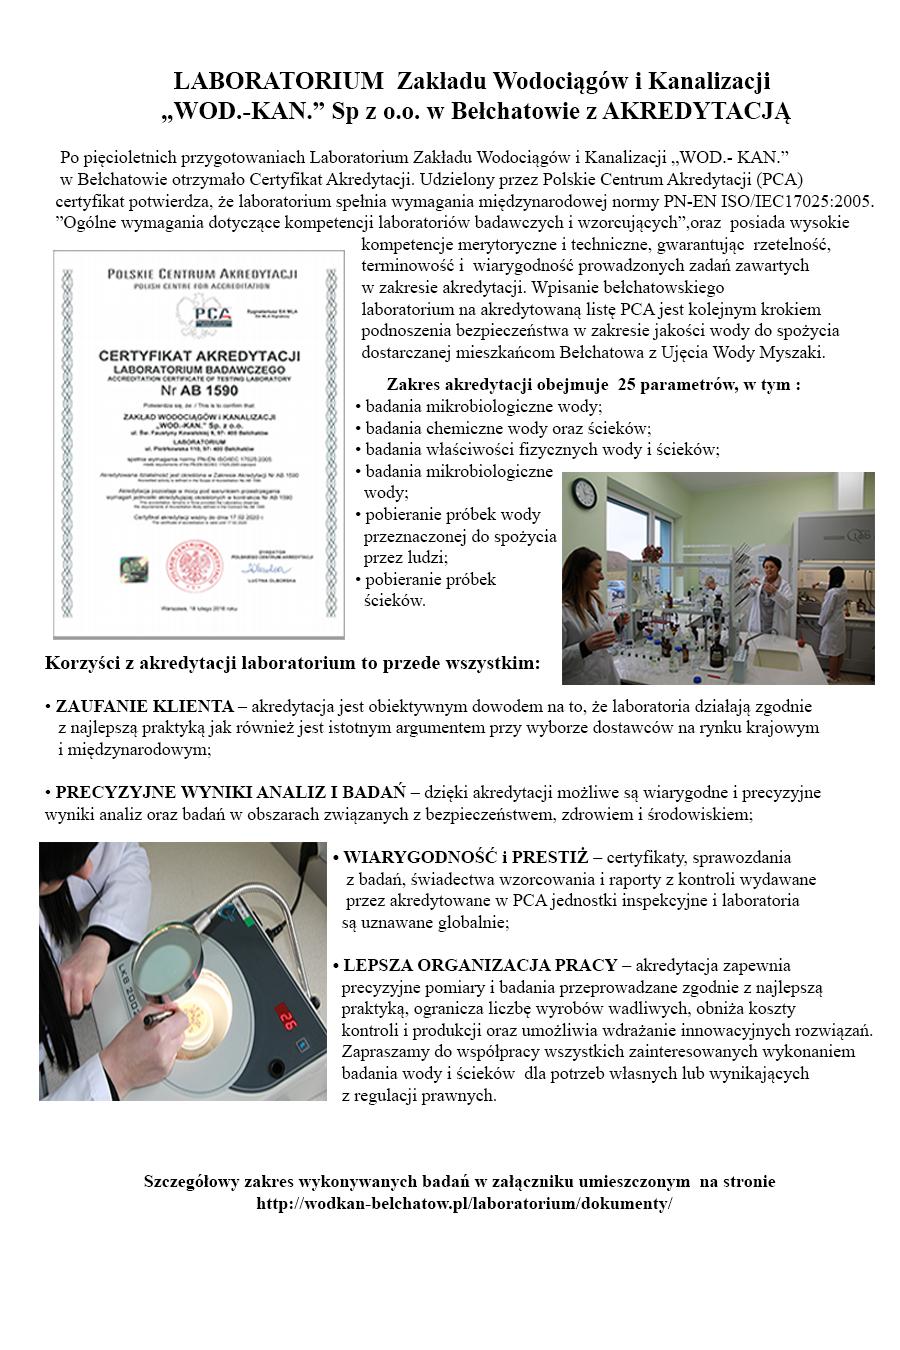 Laboratorium z akredytacją